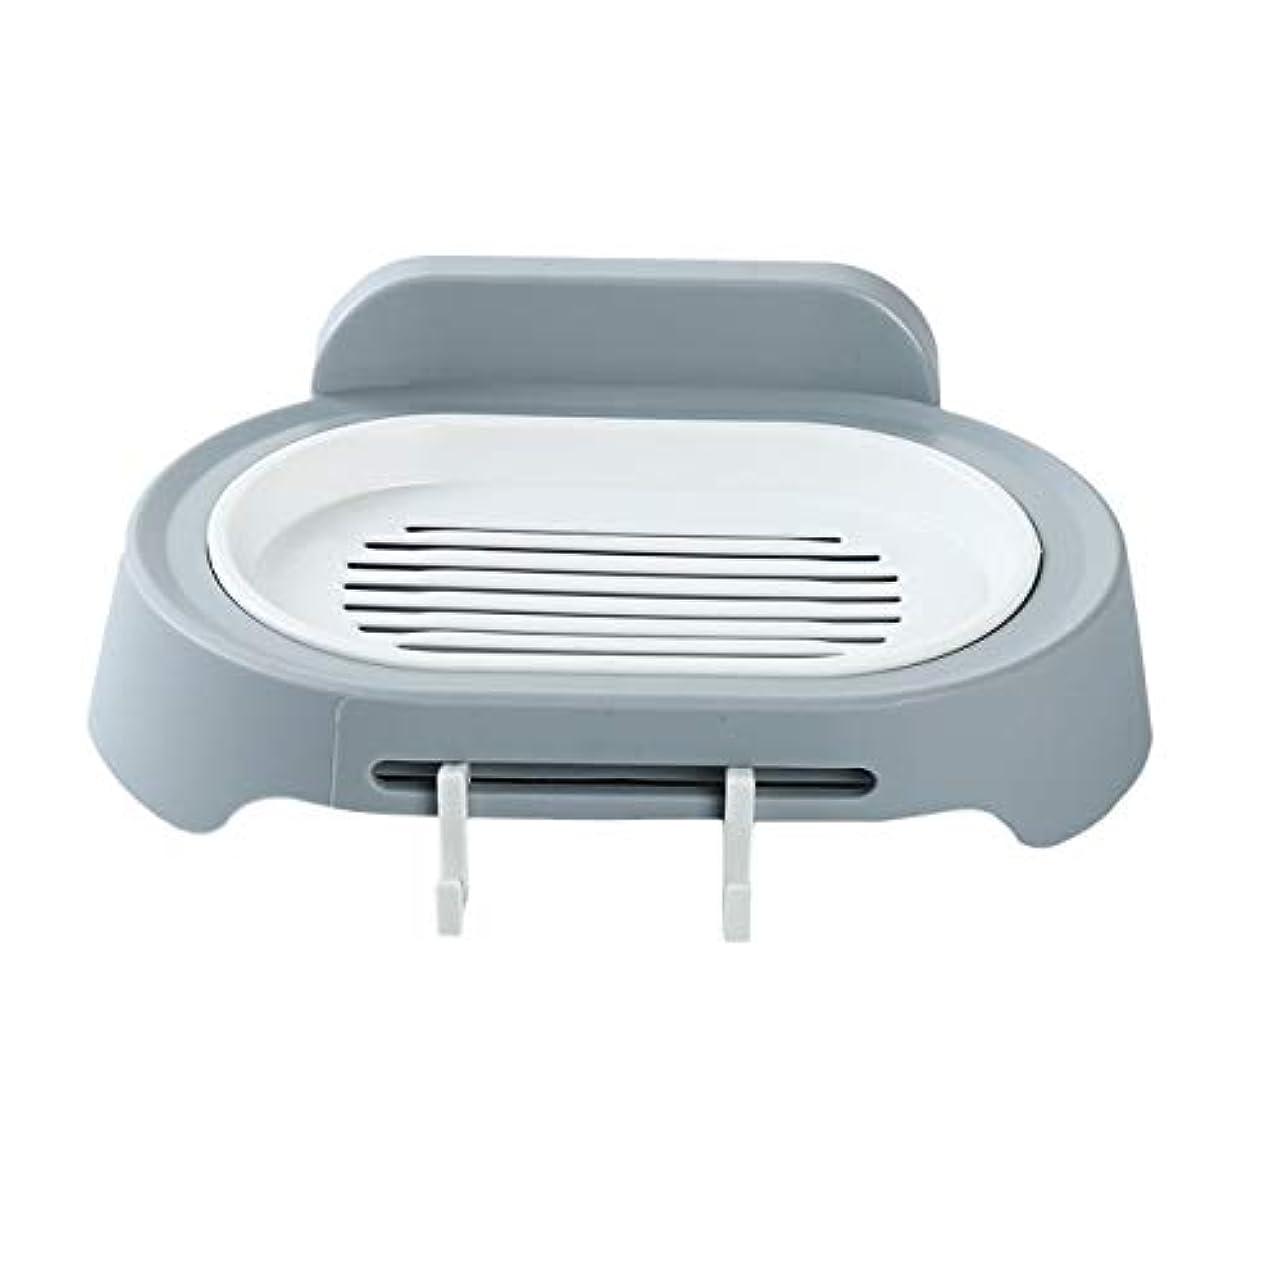 加速度経済的パフZALING 灰色のホックが付いているの浴室の石鹸の貯蔵の吸引の壁に取り付けられた石鹸のオルガナイザー